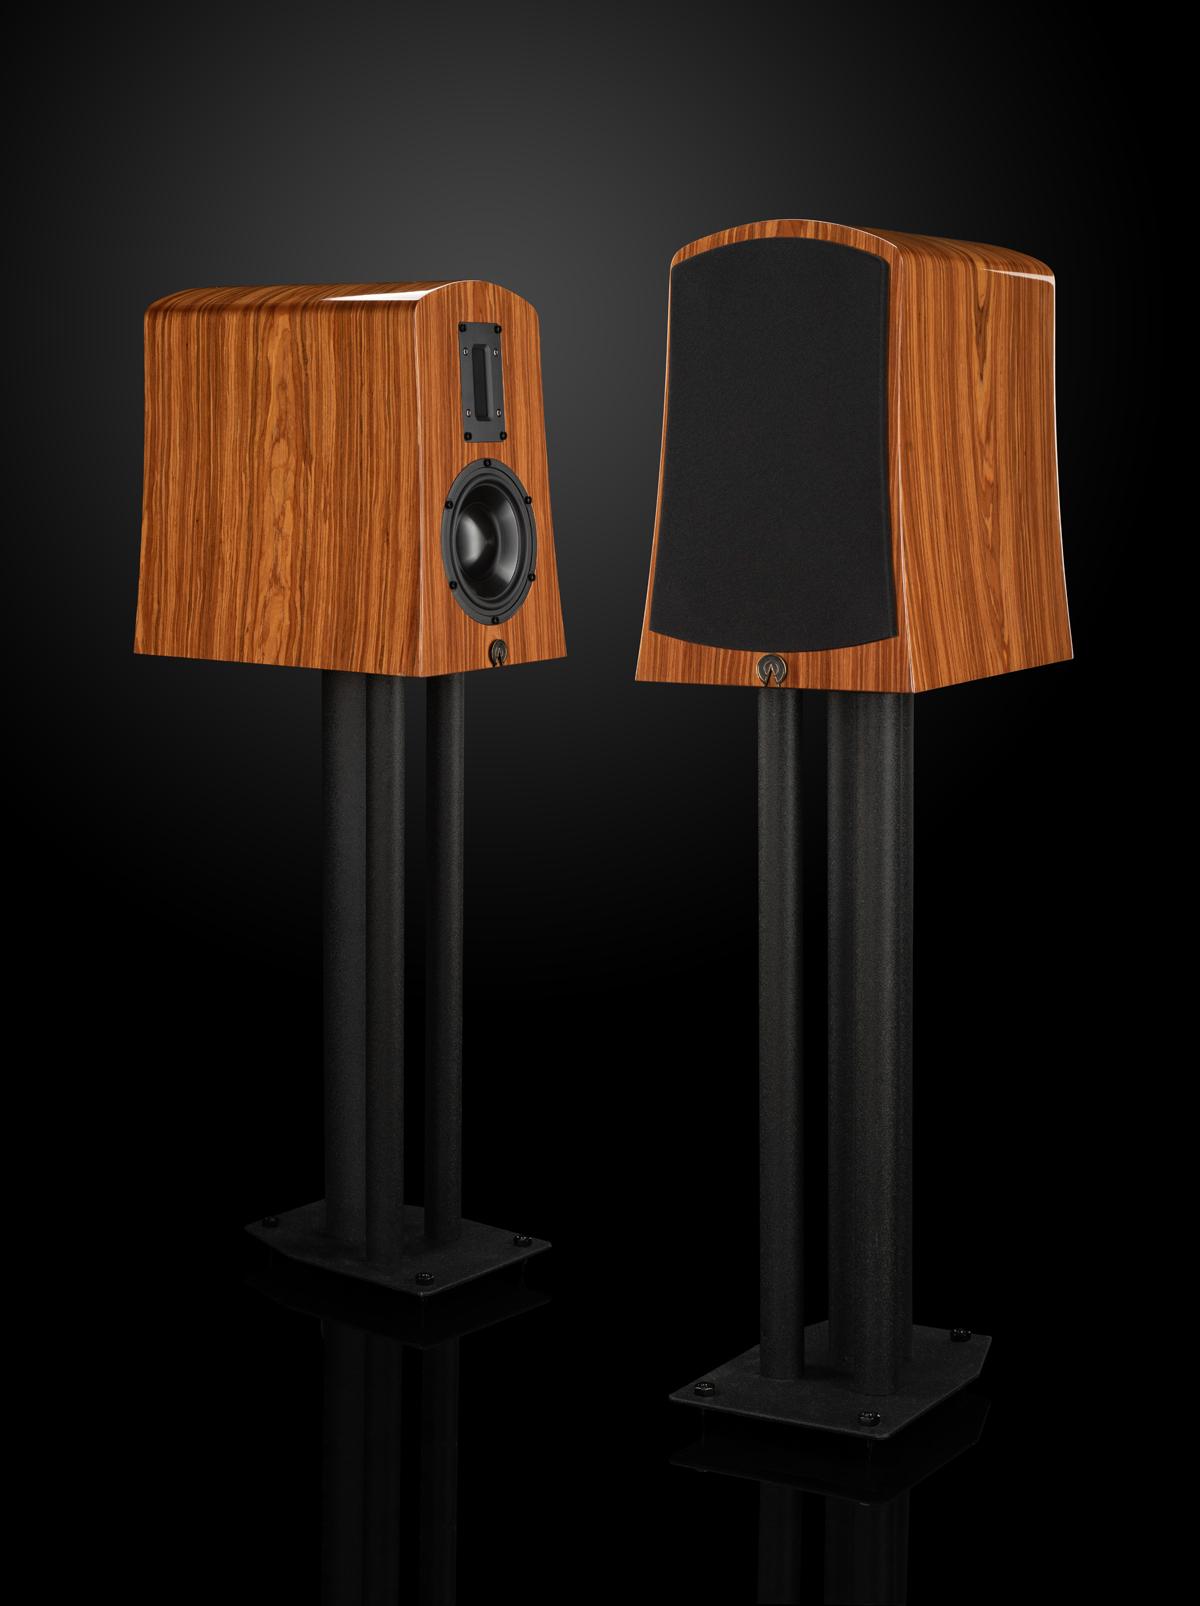 Alta Audio's Alyssa Speaker